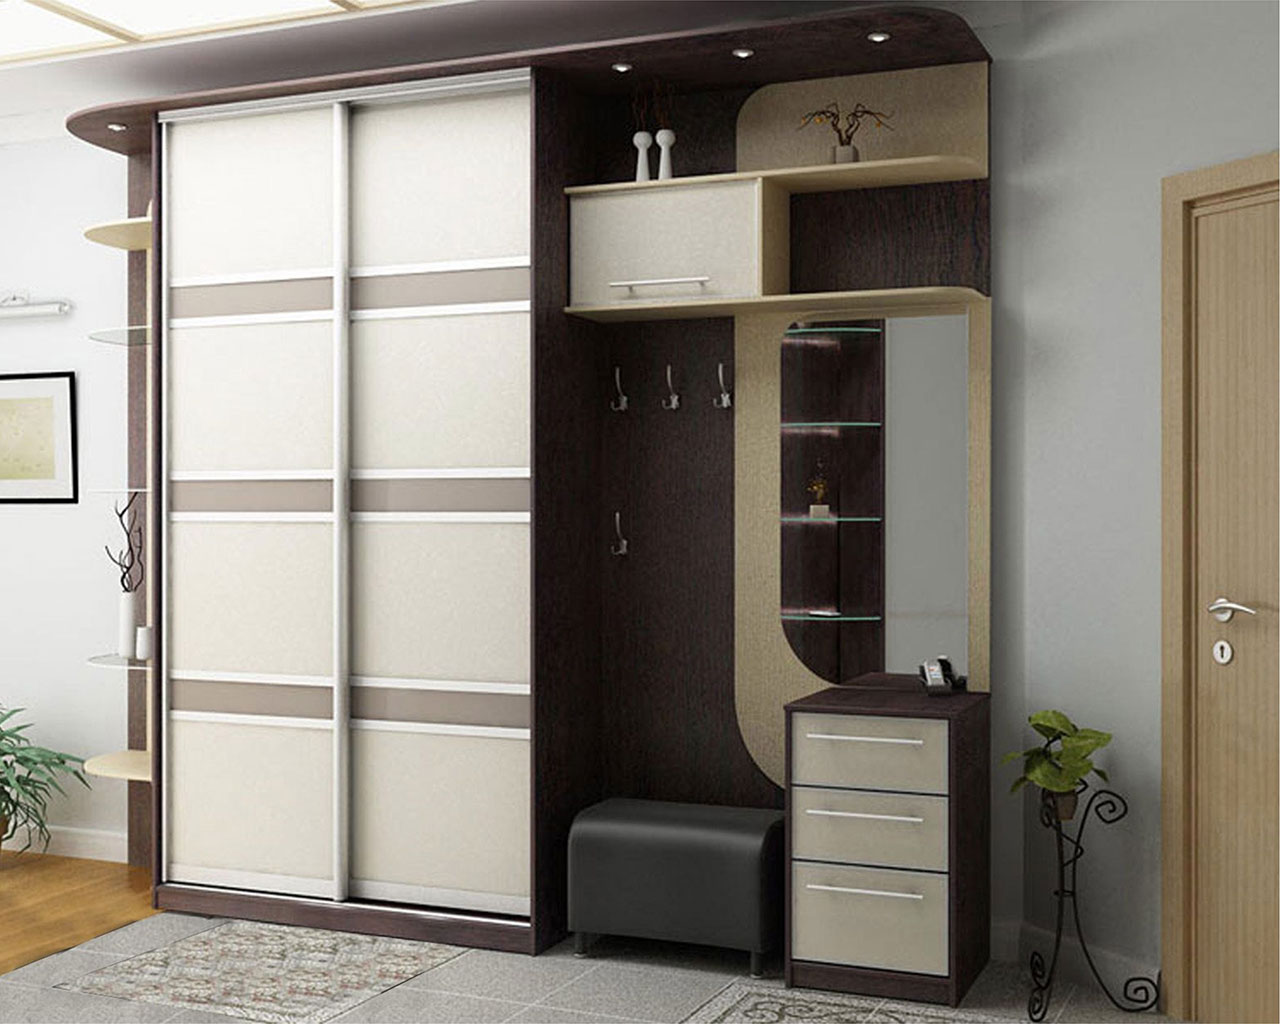 красивый дизайн прихожей комнаты эконом класса